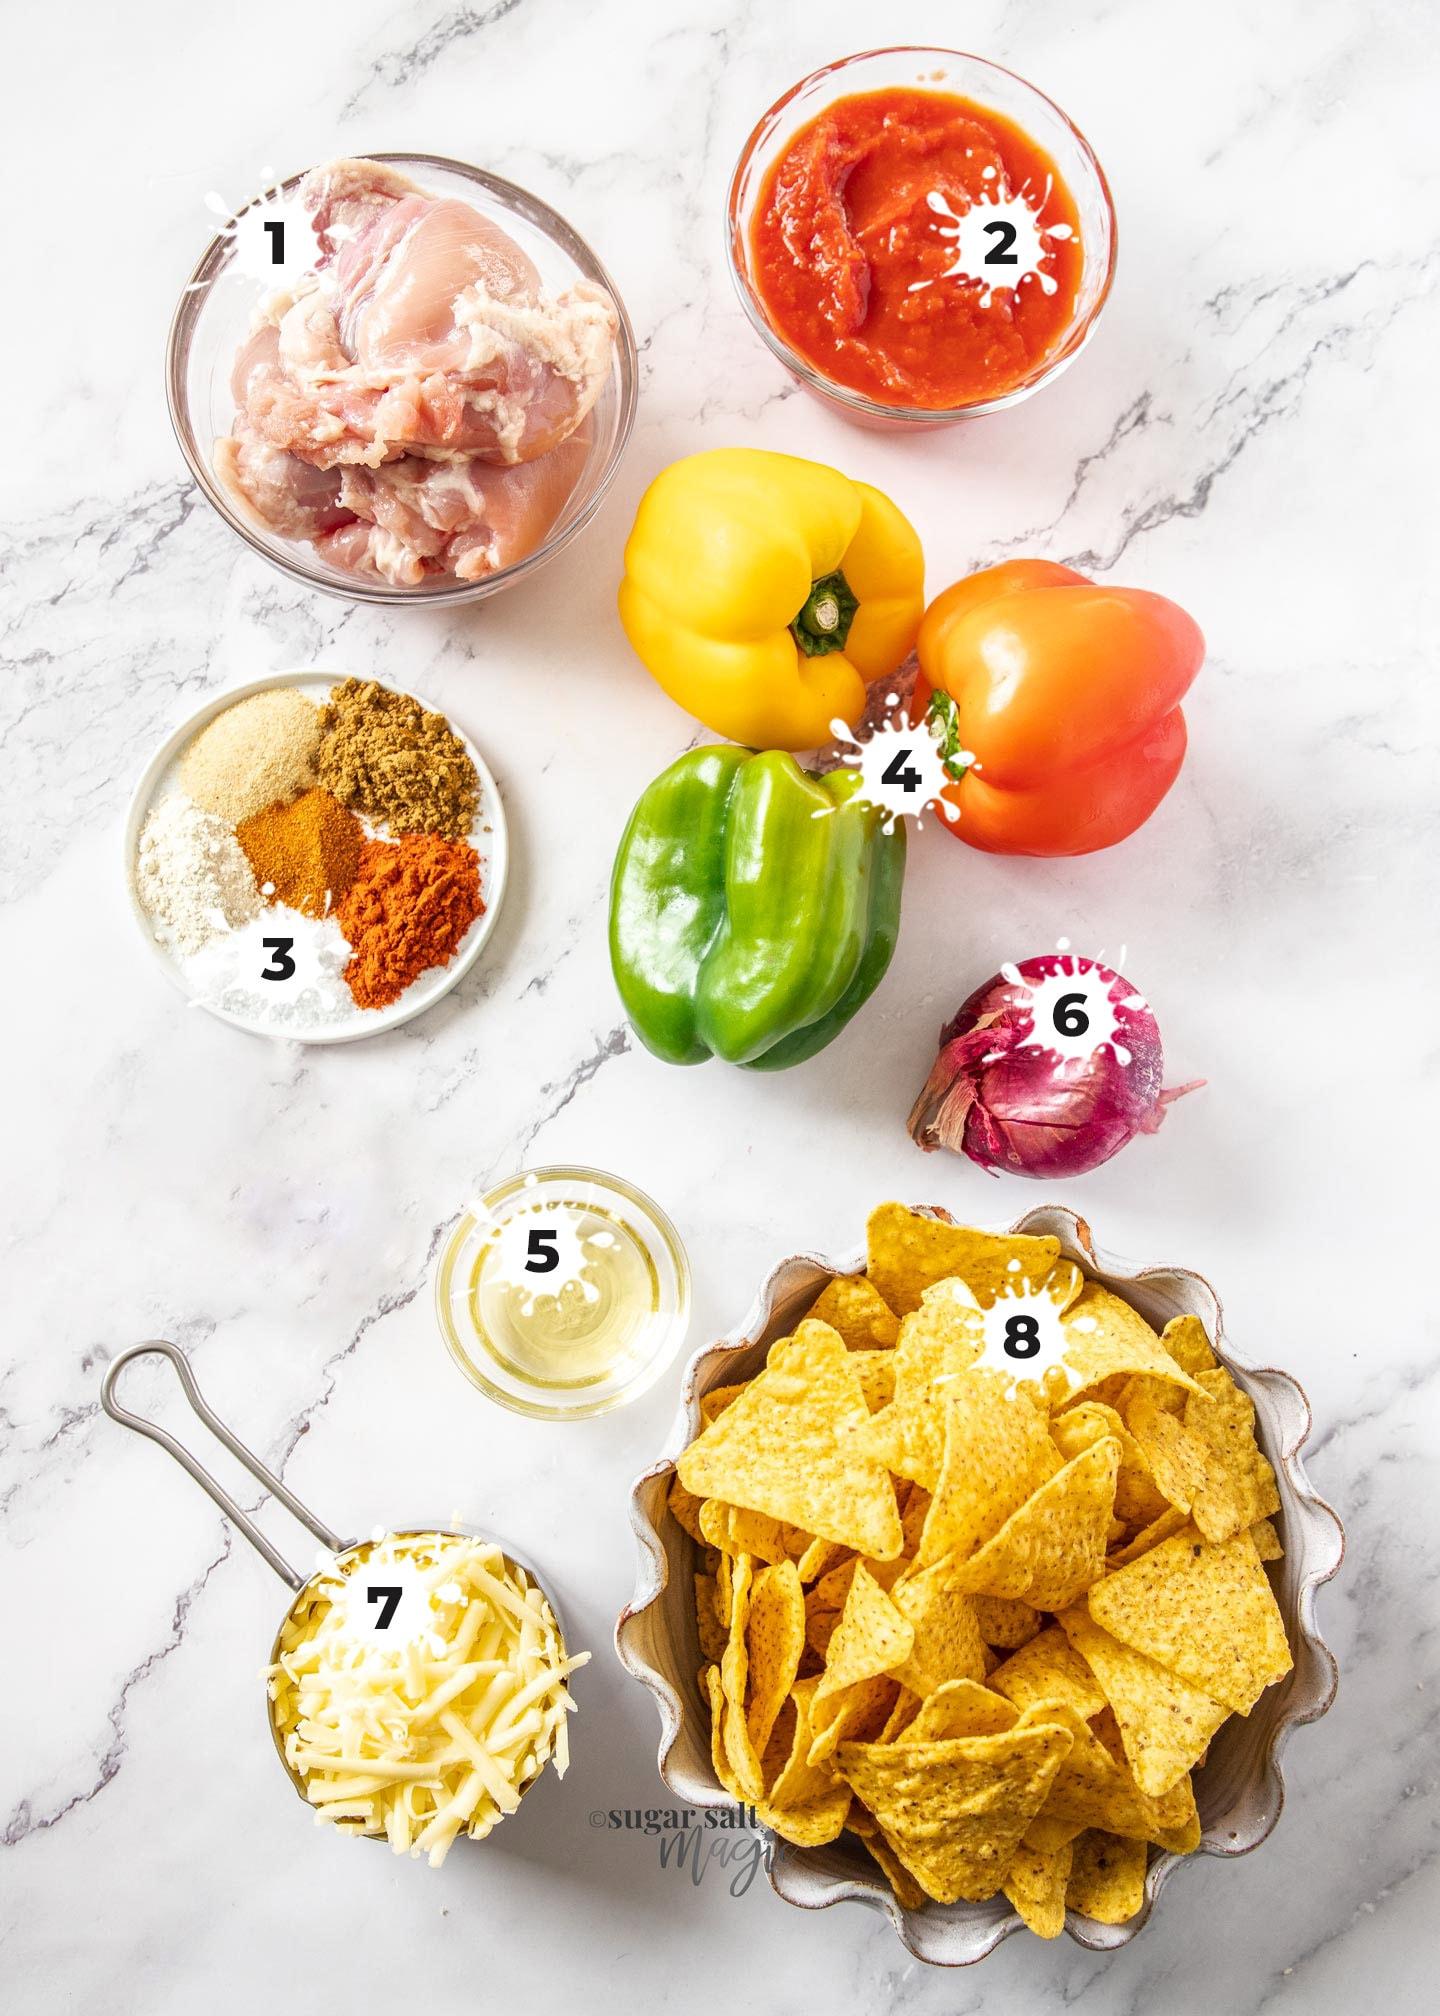 Ingredients for chicken fajita nachos